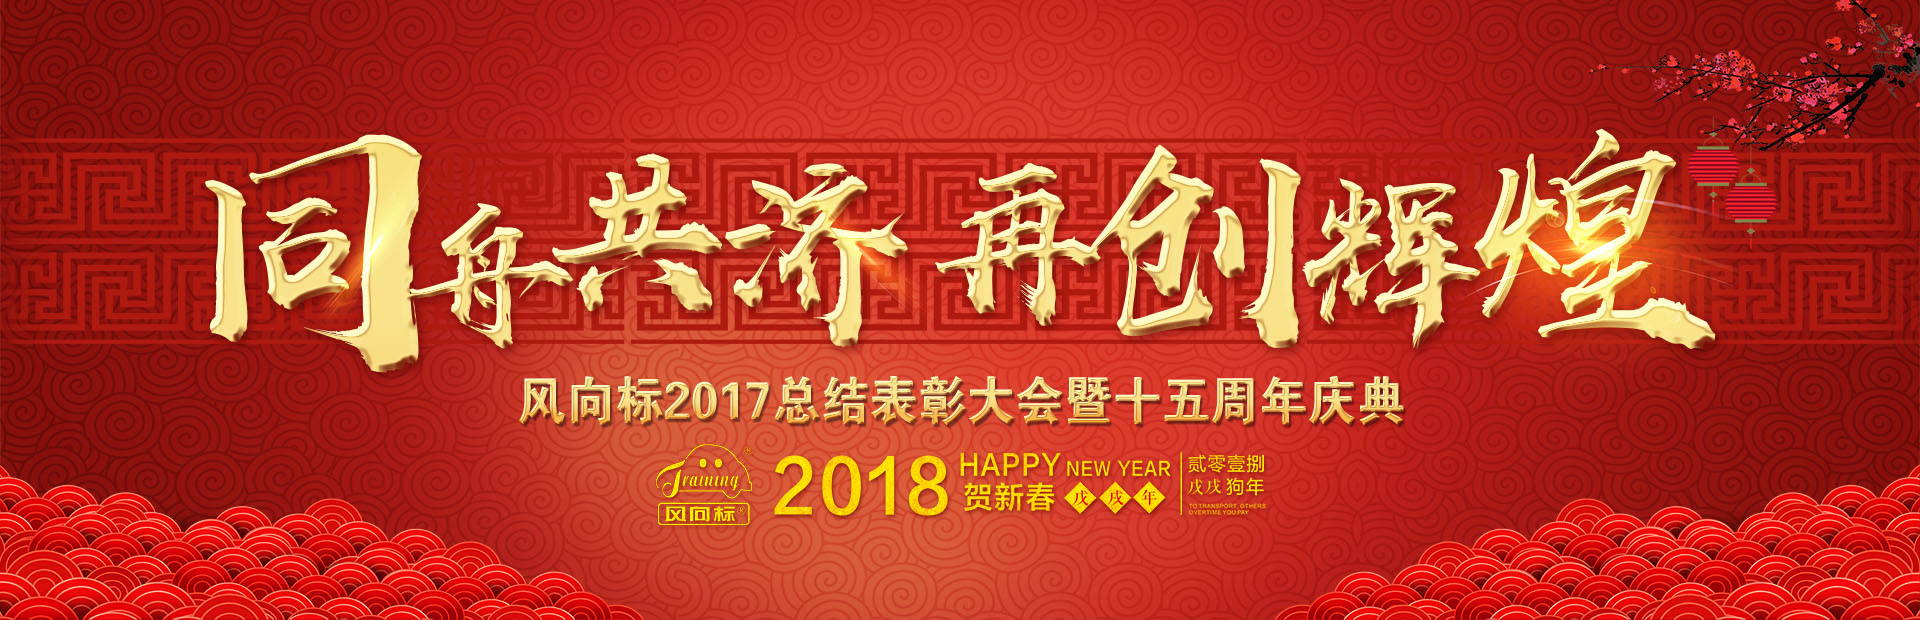 【同舟共济,再创辉煌】2017年总结表彰大会暨说球帝app电脑版十五周年庆典